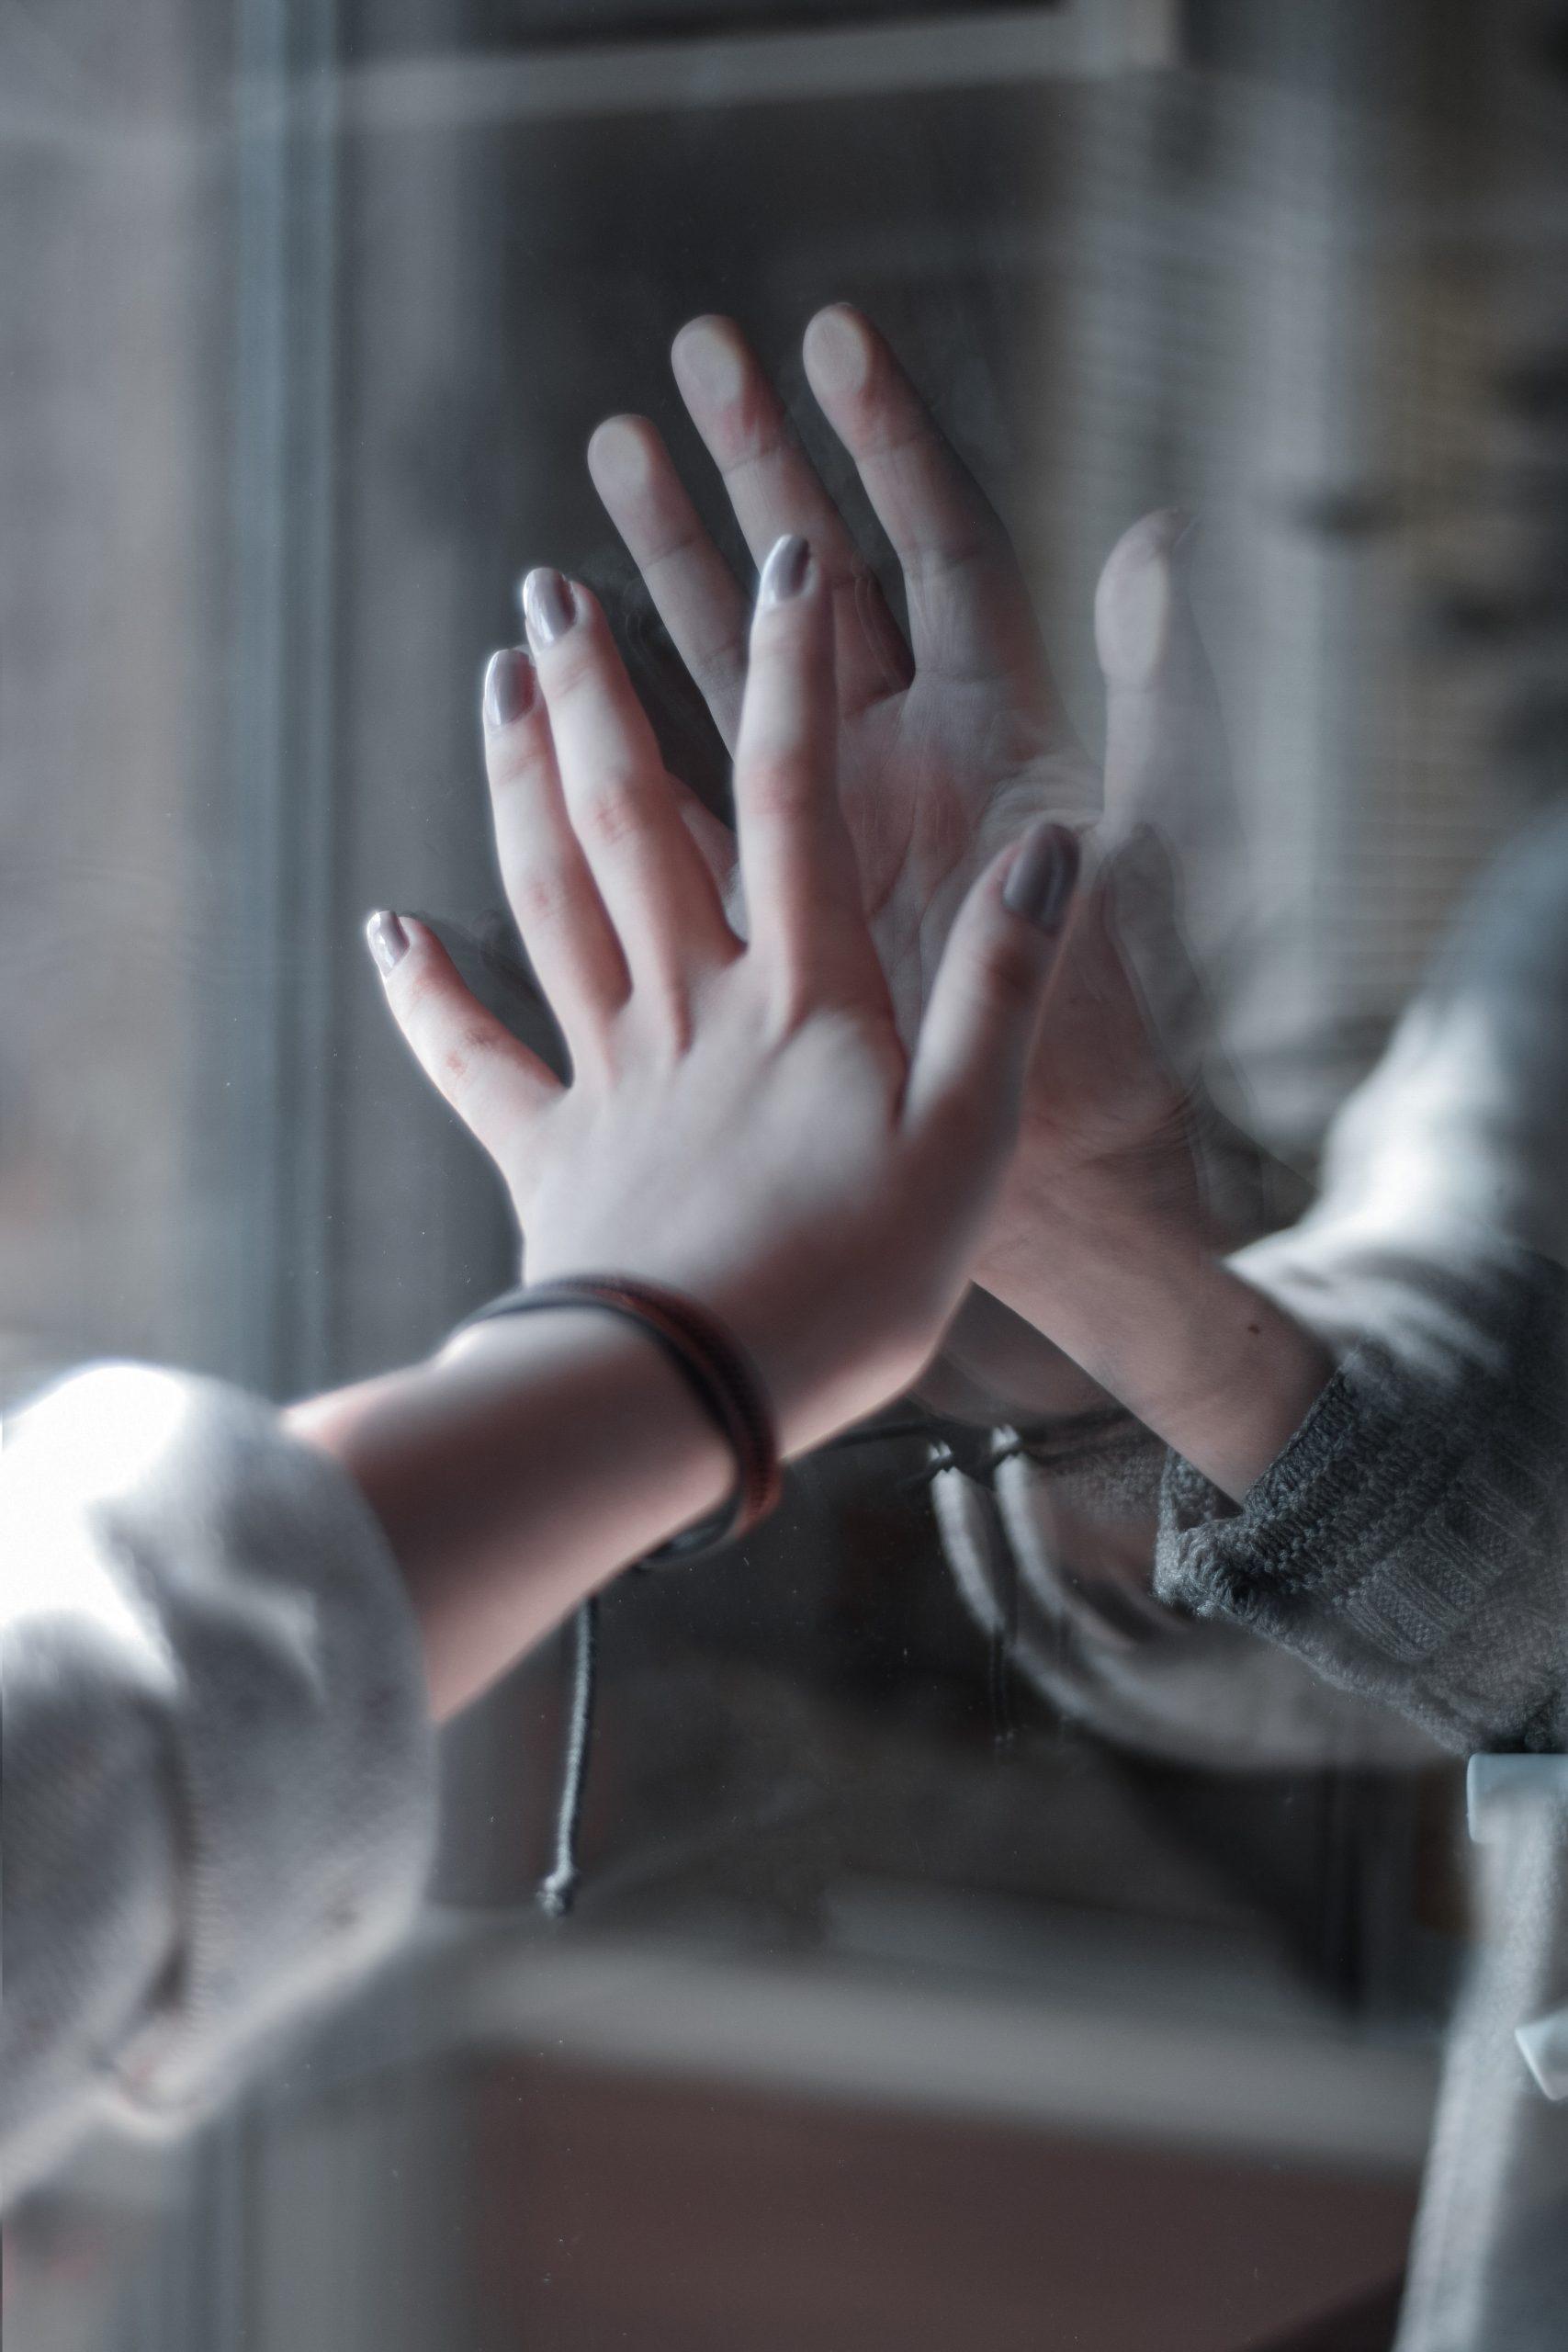 Deux mains séparées par une vitre